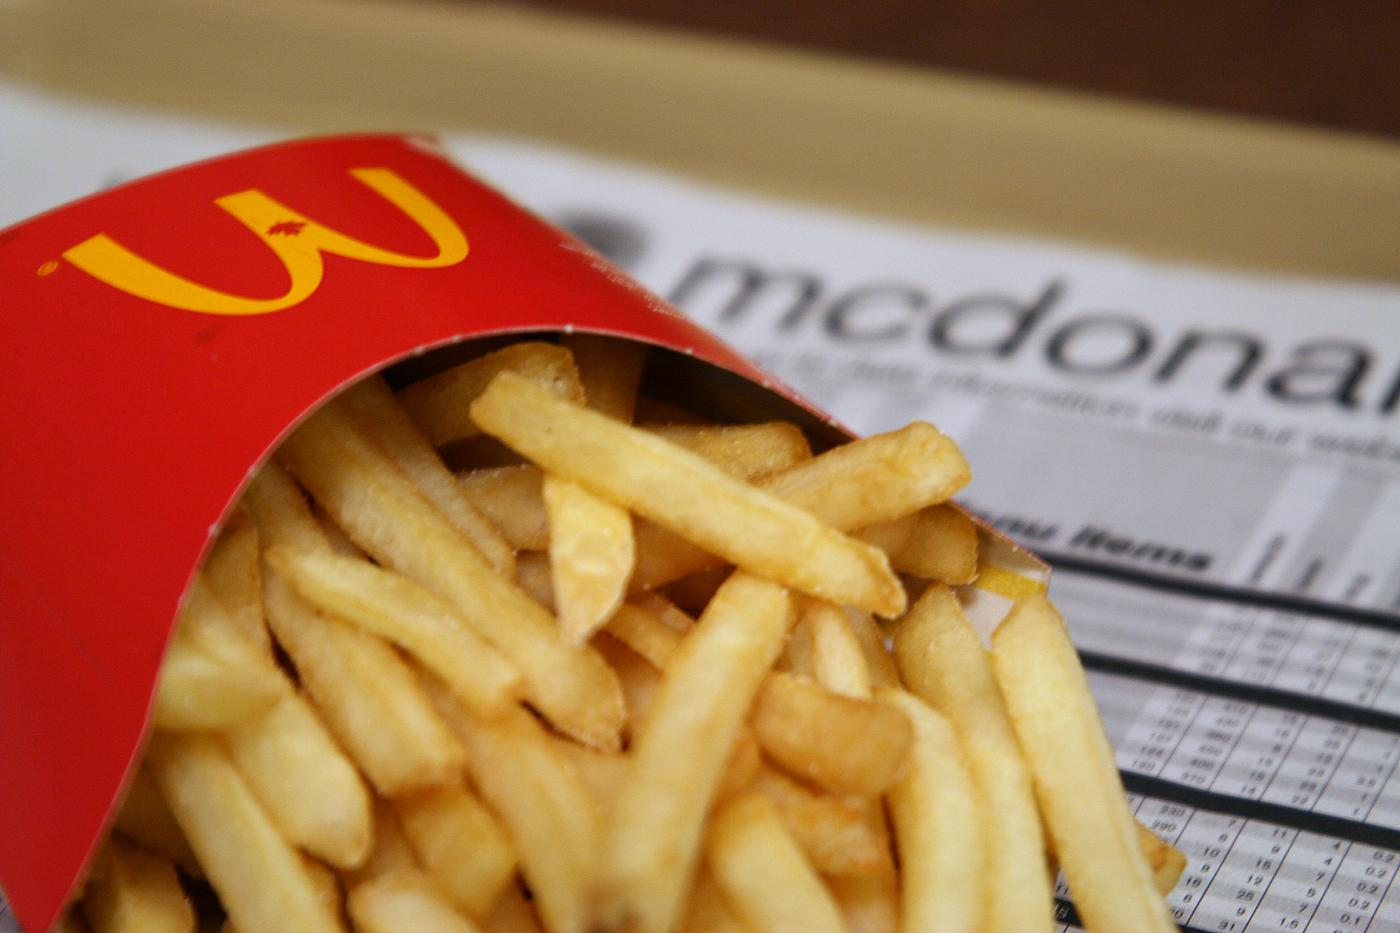 McDonald's a rischio fallimento? In Italia e all'estero chiudono molti punti vendita